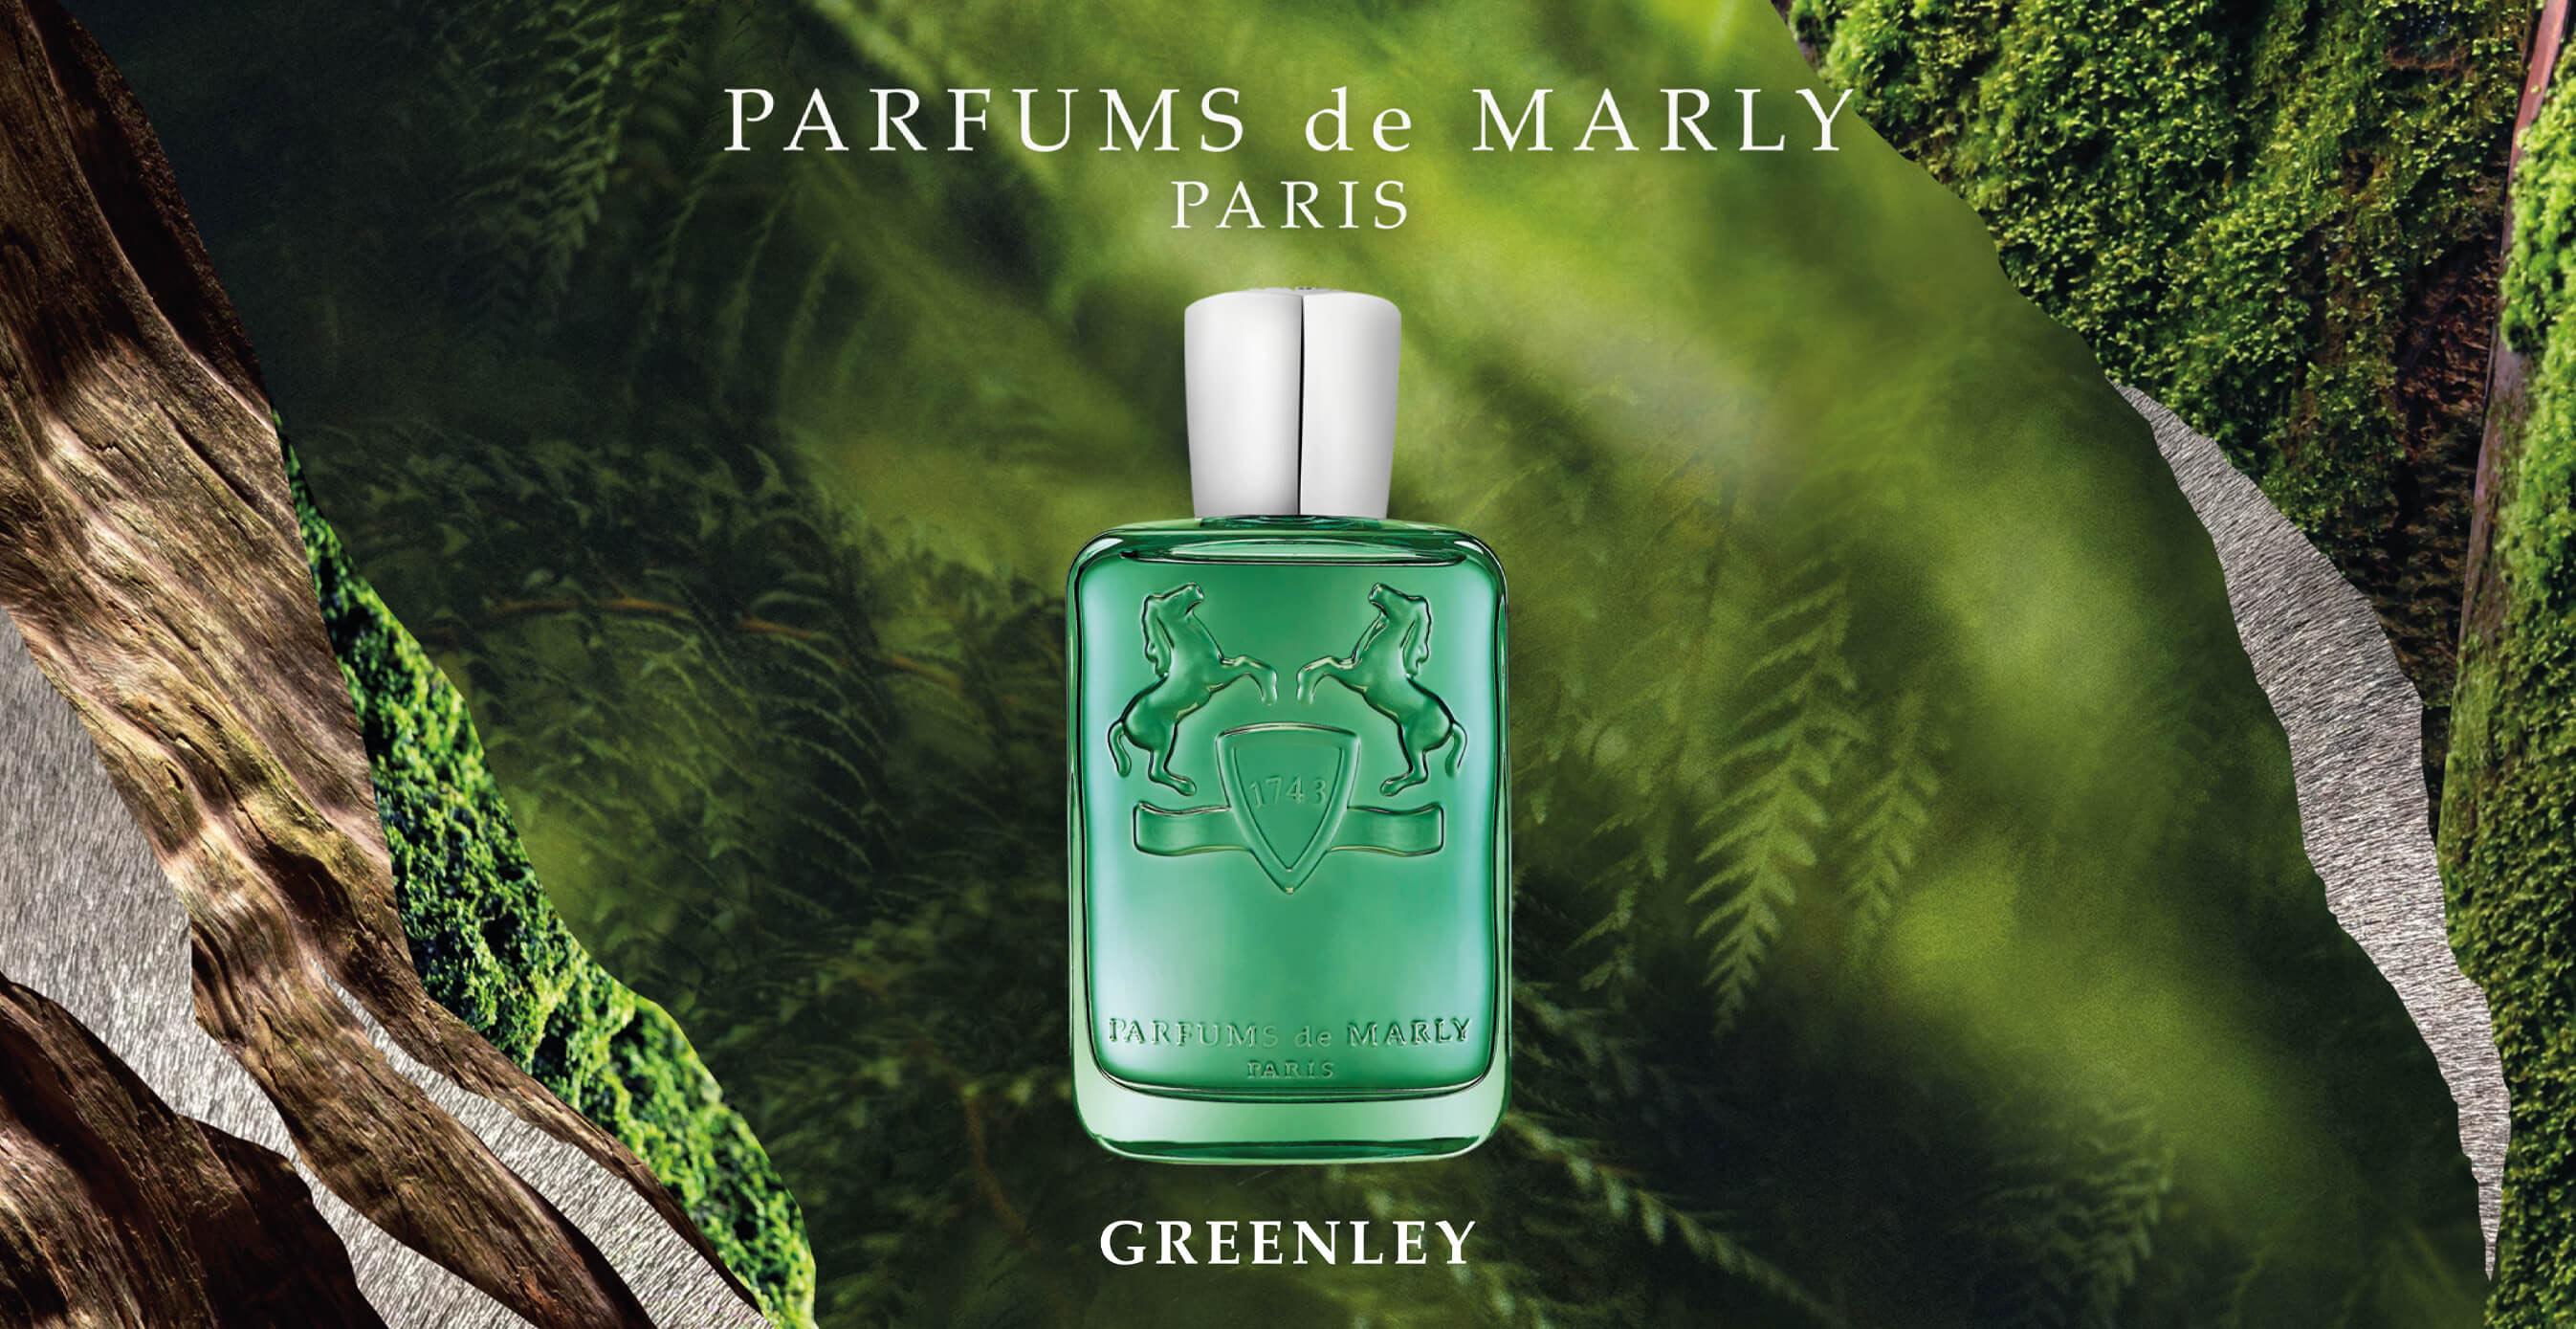 Parfums de Marly Greenley - jetzt entdecken